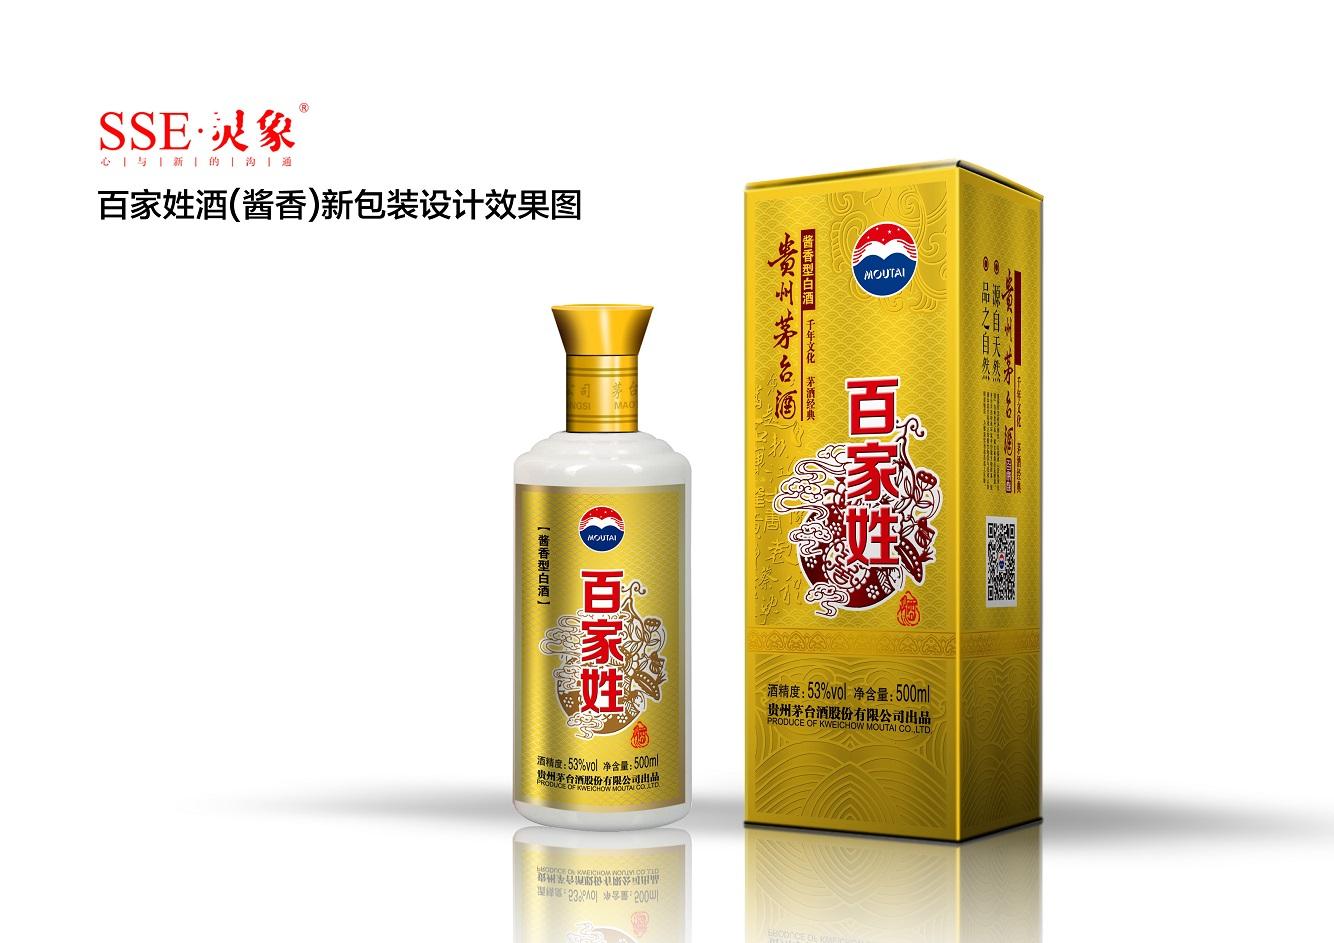 贵州茅台百家姓酒-酒包装印刷设计